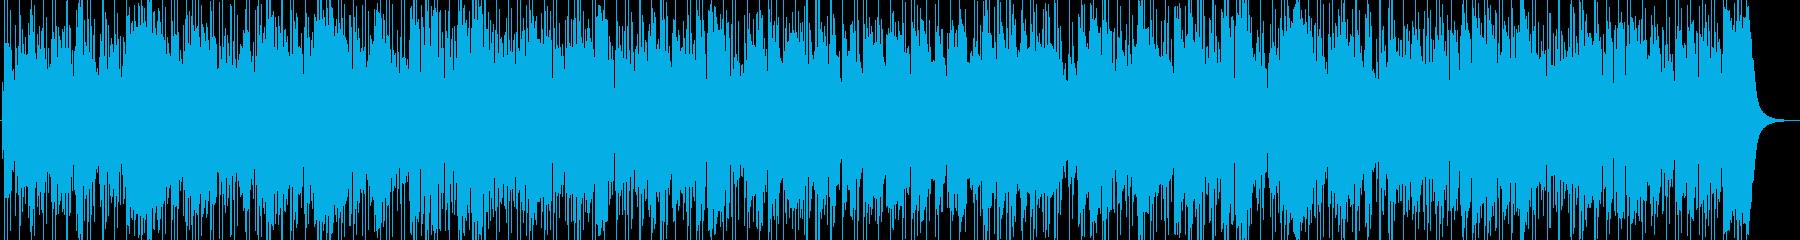 夢に向か音楽は素晴らしい、スムースジャズの再生済みの波形